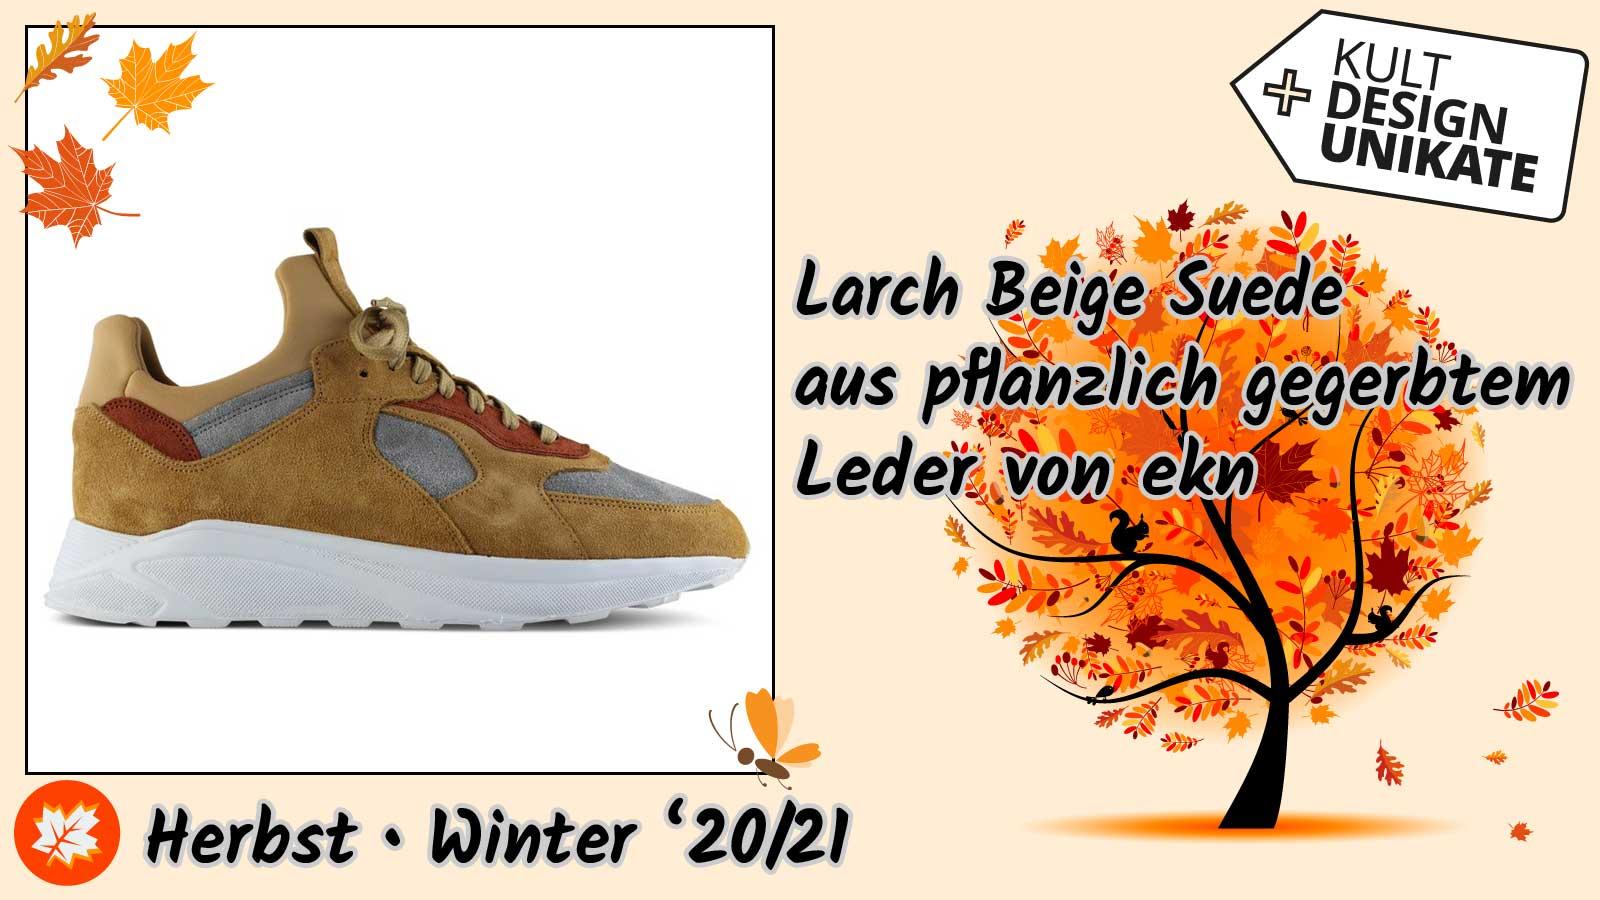 ekn-Larch-Beige-Suede